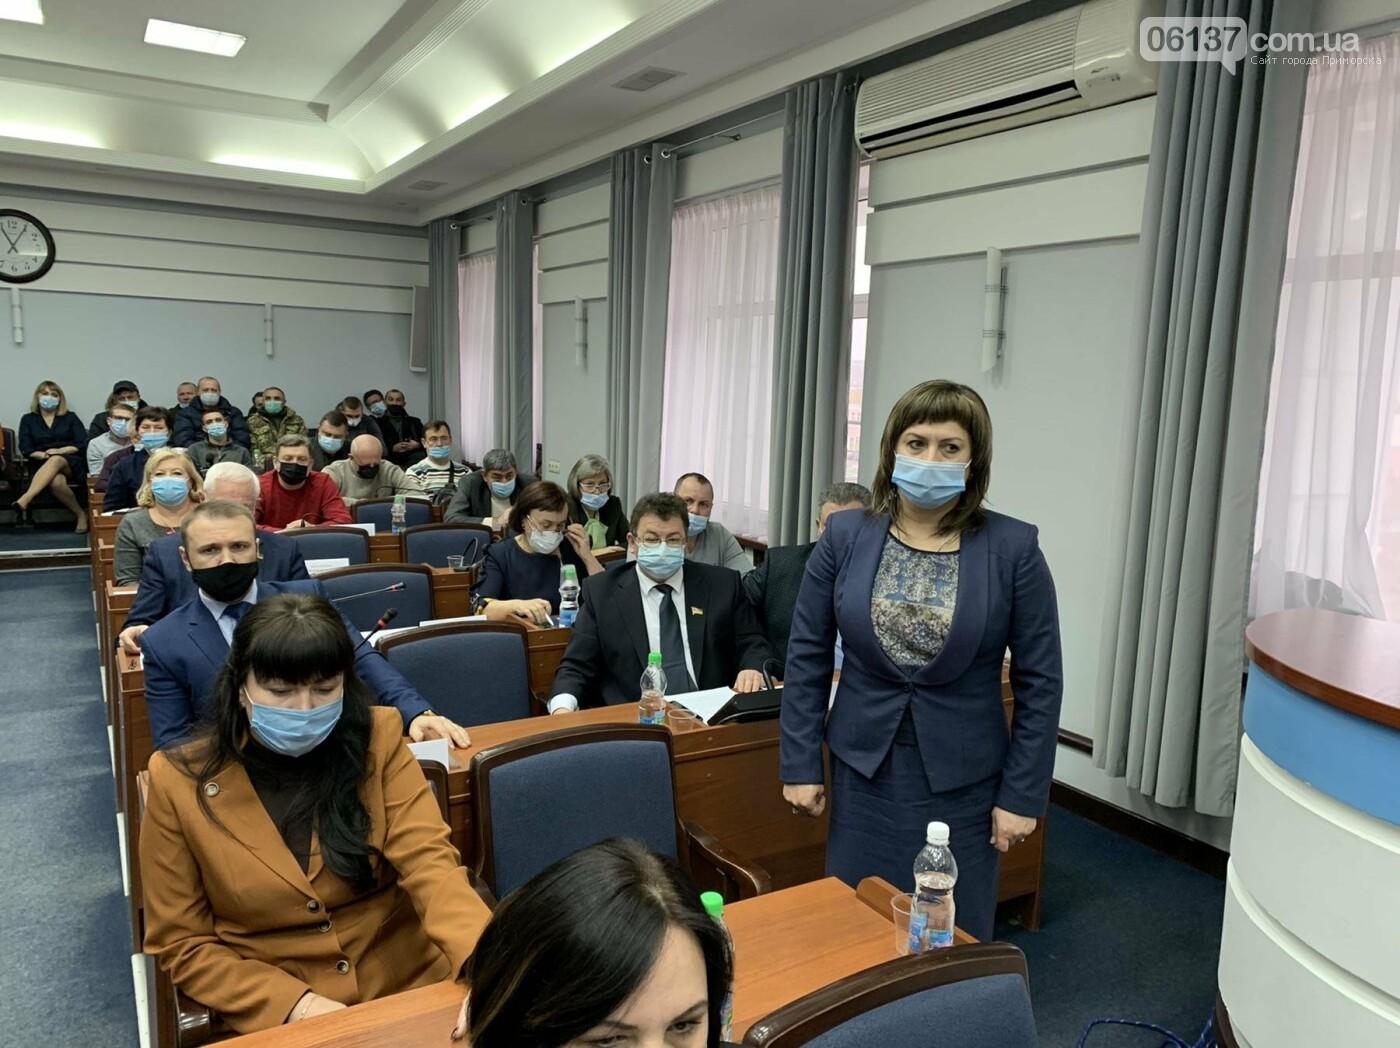 Двое руководителей из Приморска стали заместителями Бердянского мэра, фото-1